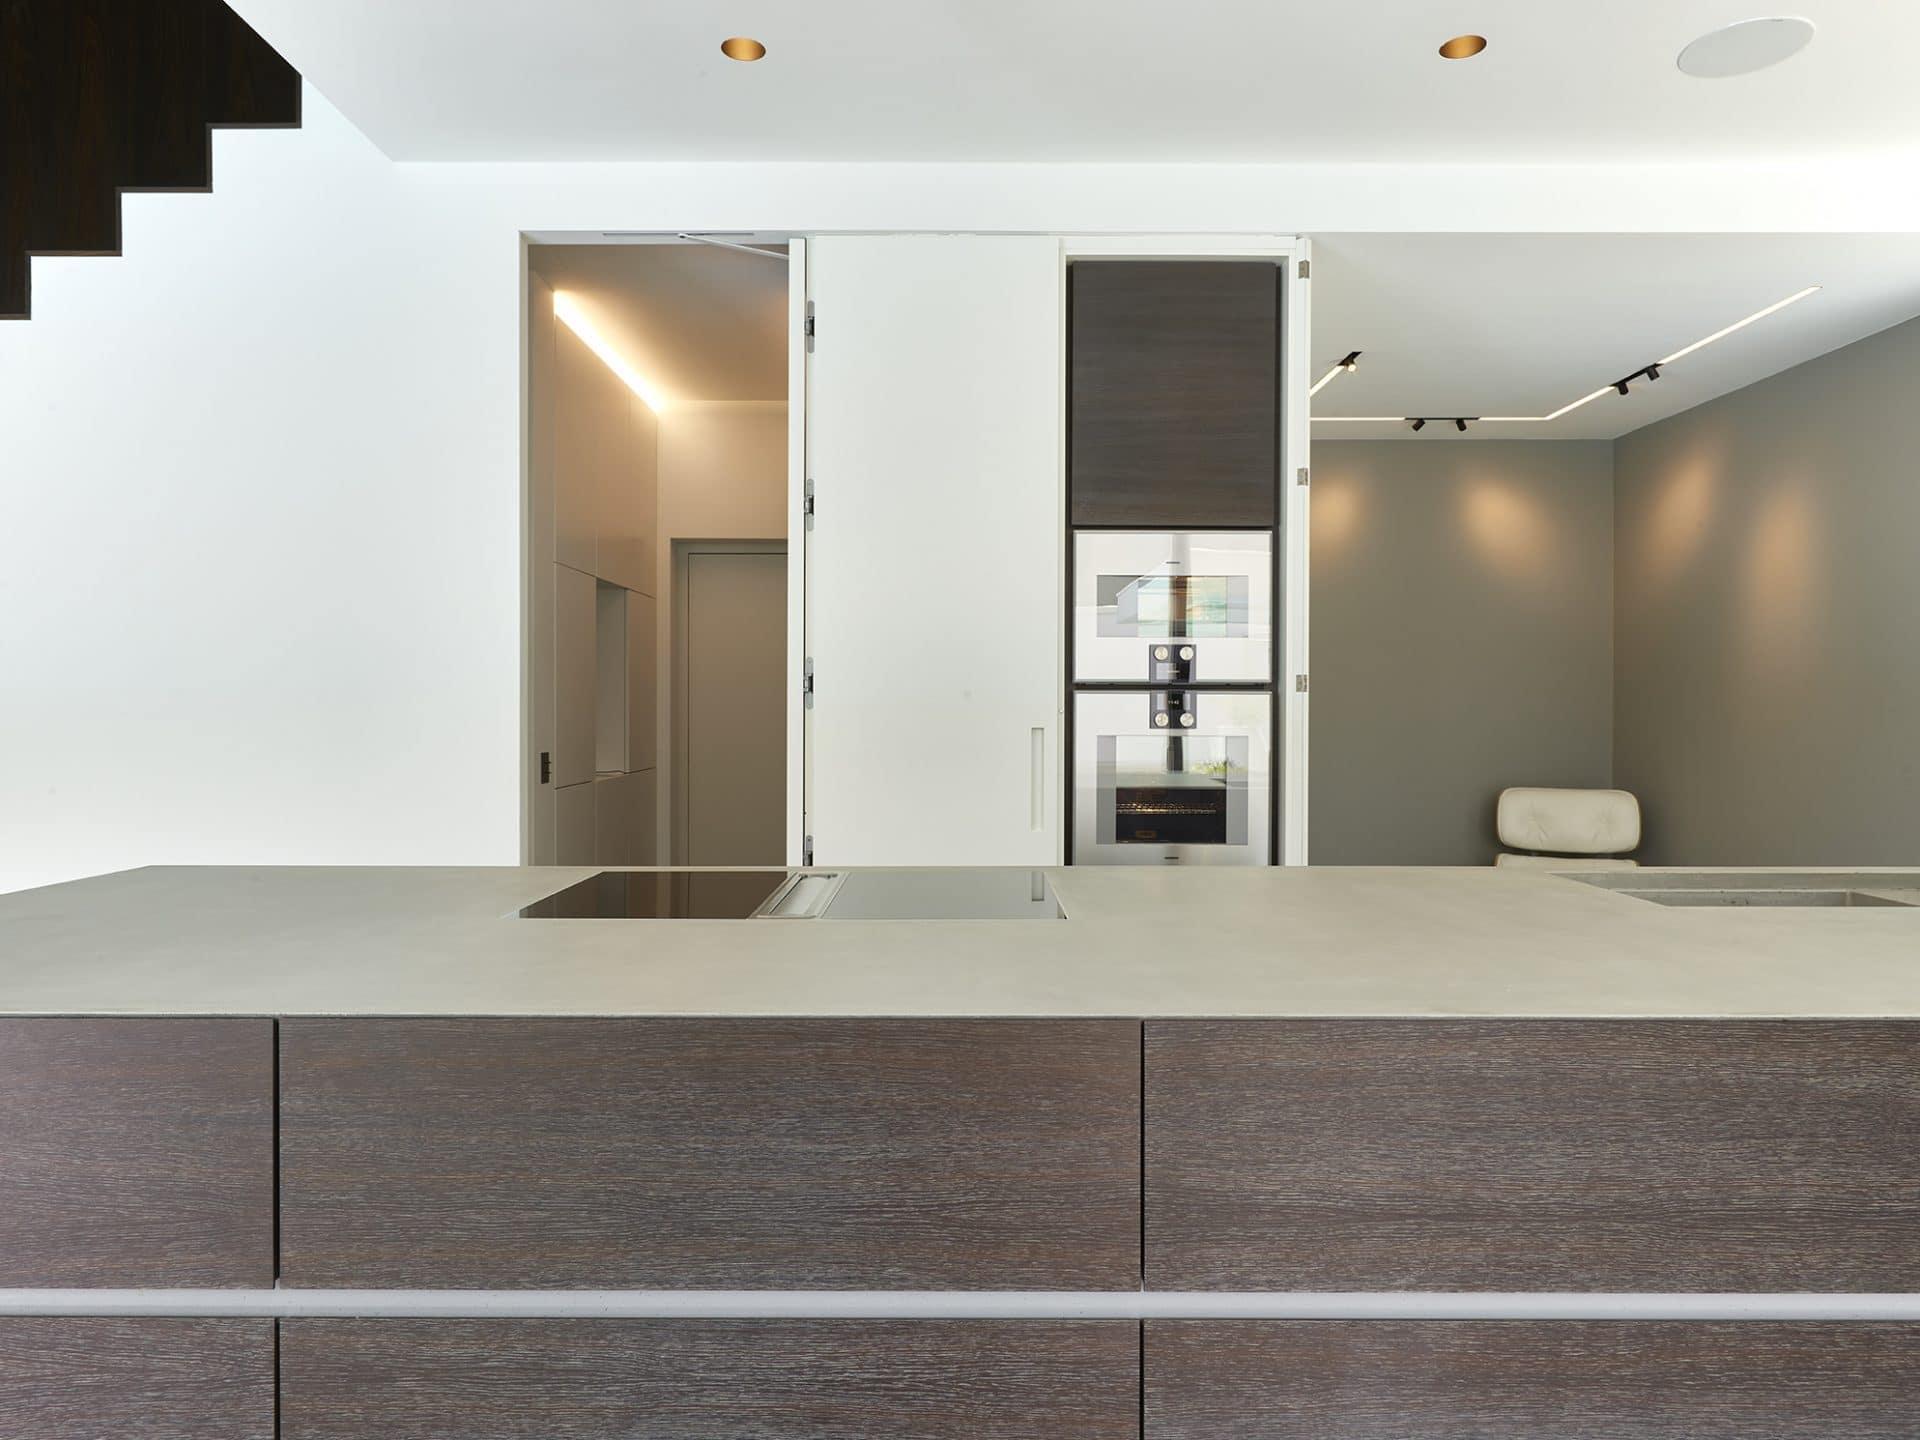 Küchendesign von VOIT aus geräucherter Eiche, Beton und Edelstahl - geöffnete Küchenzeile in Mattlack weiß mit Einbaugeräten, im Hintergrund ein Designerstuhl